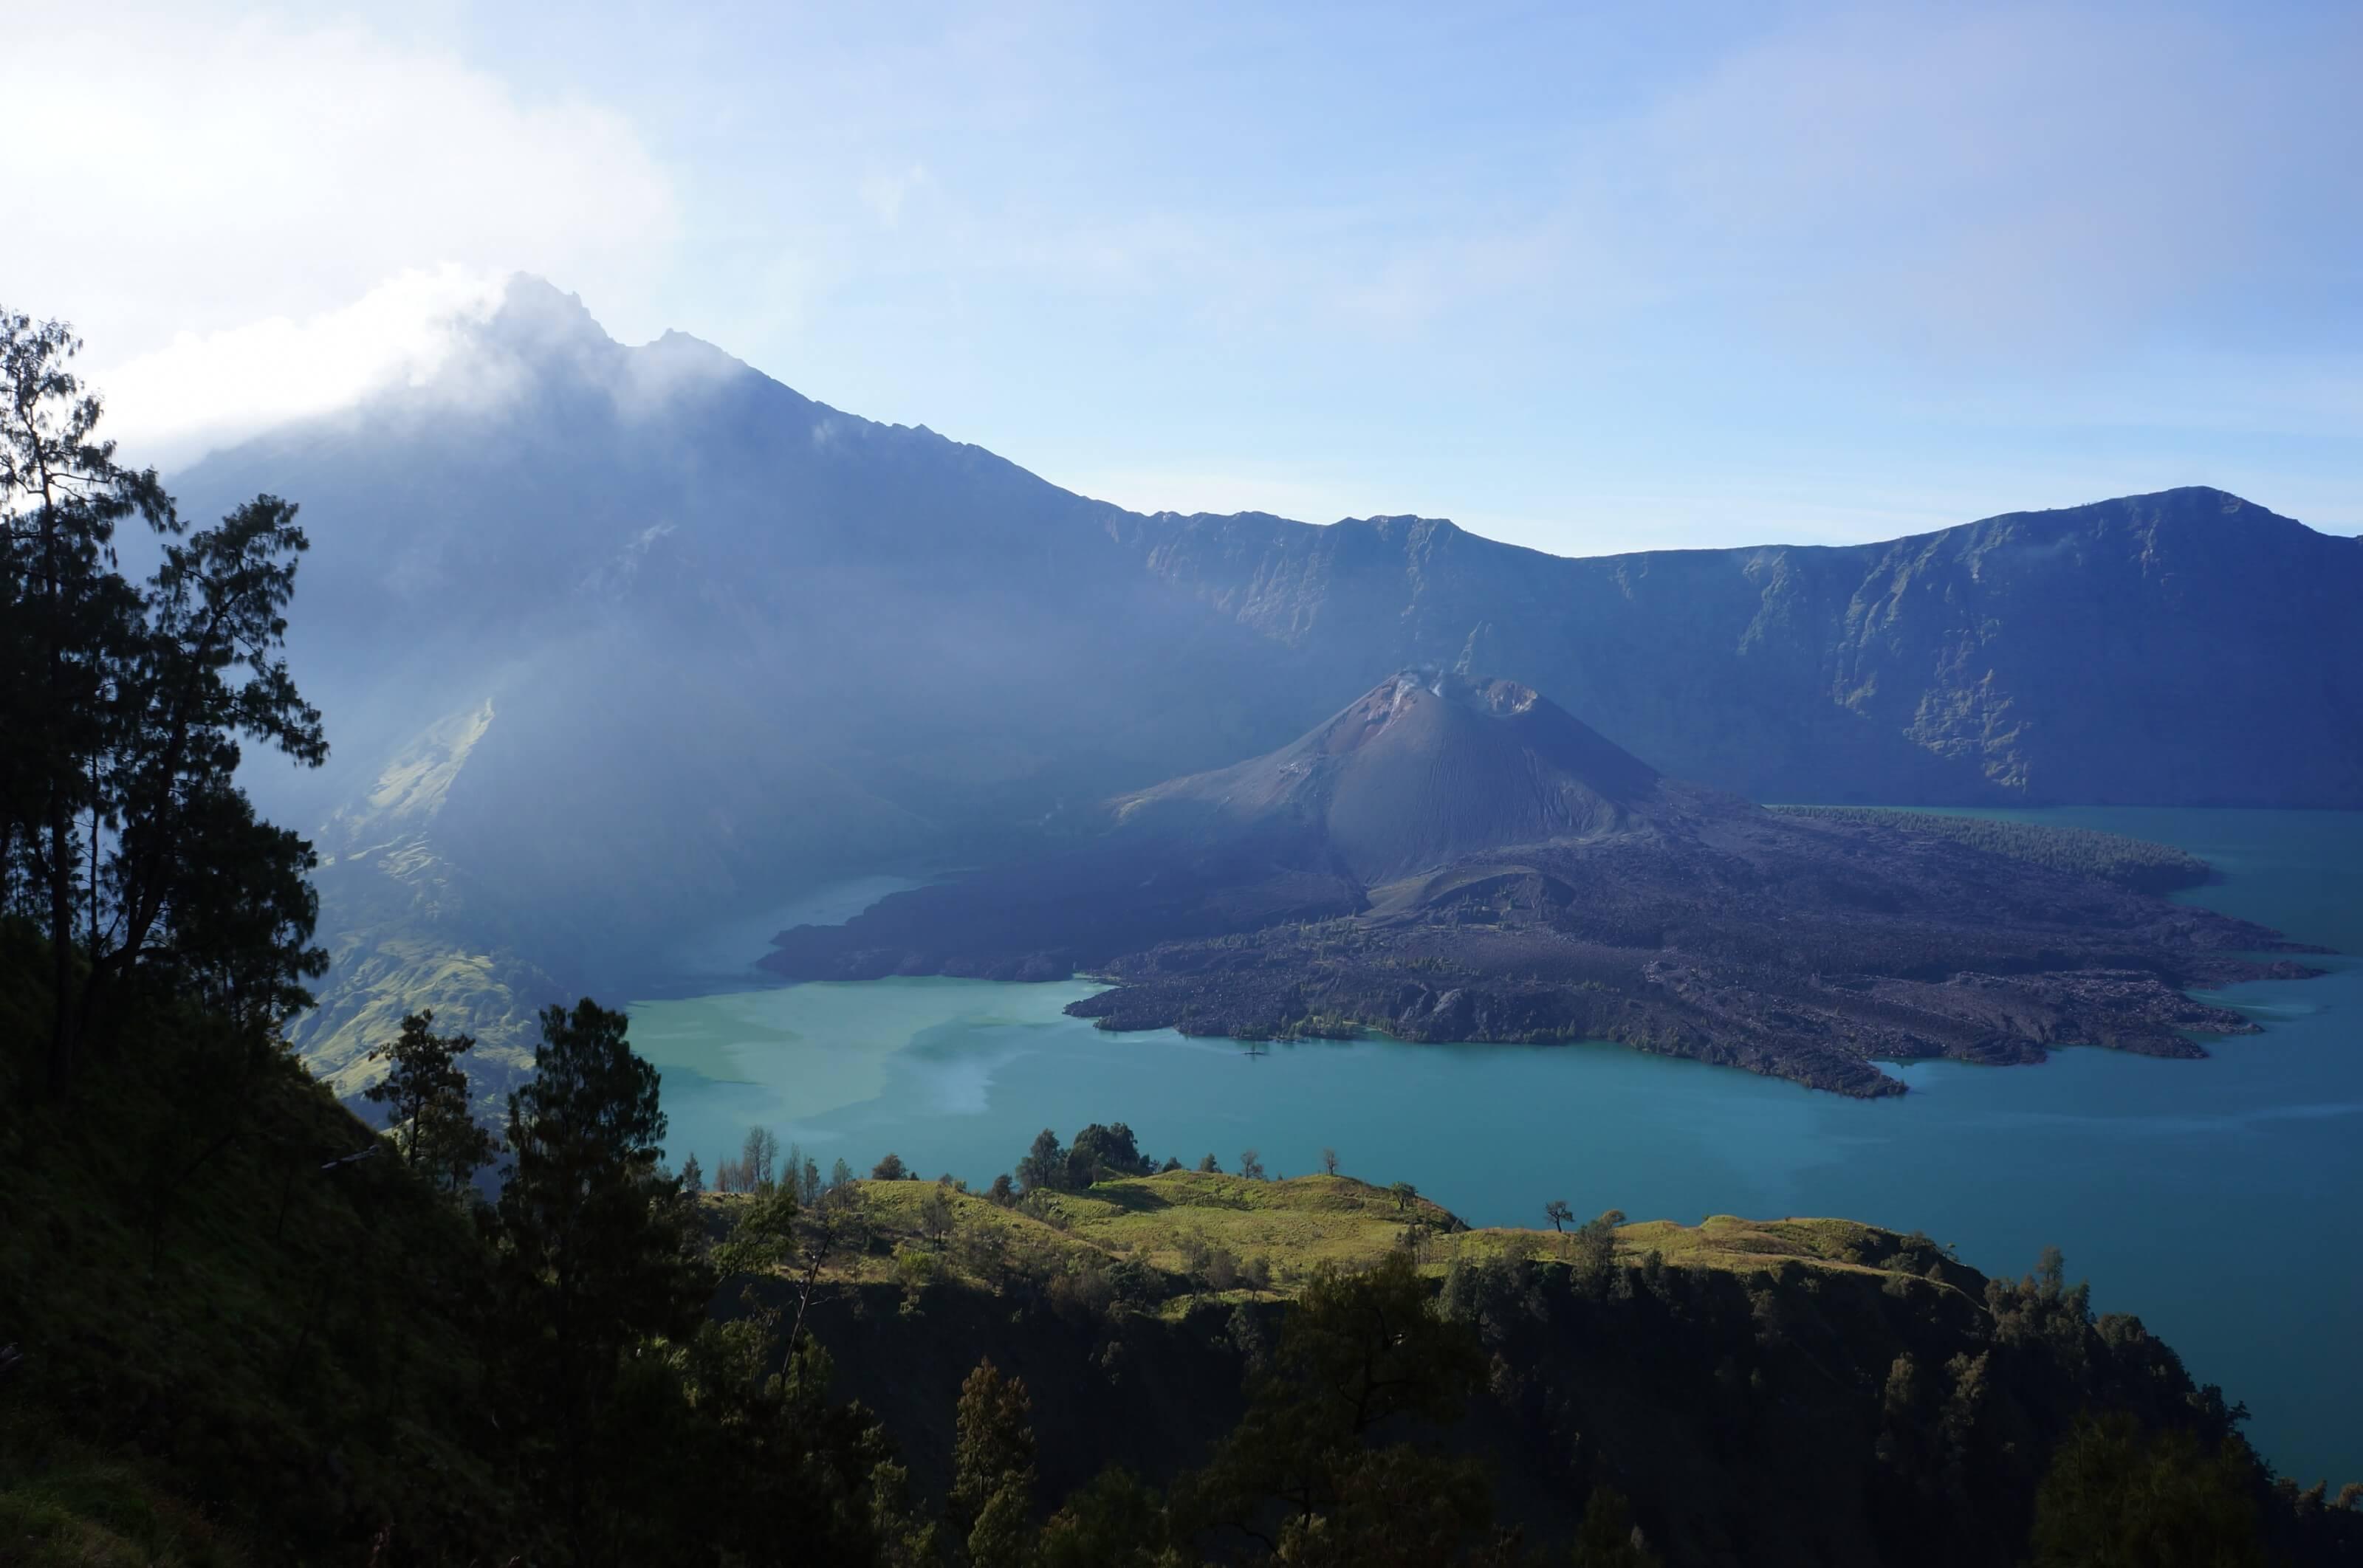 cratère du volcan Rinjani sur Lombok